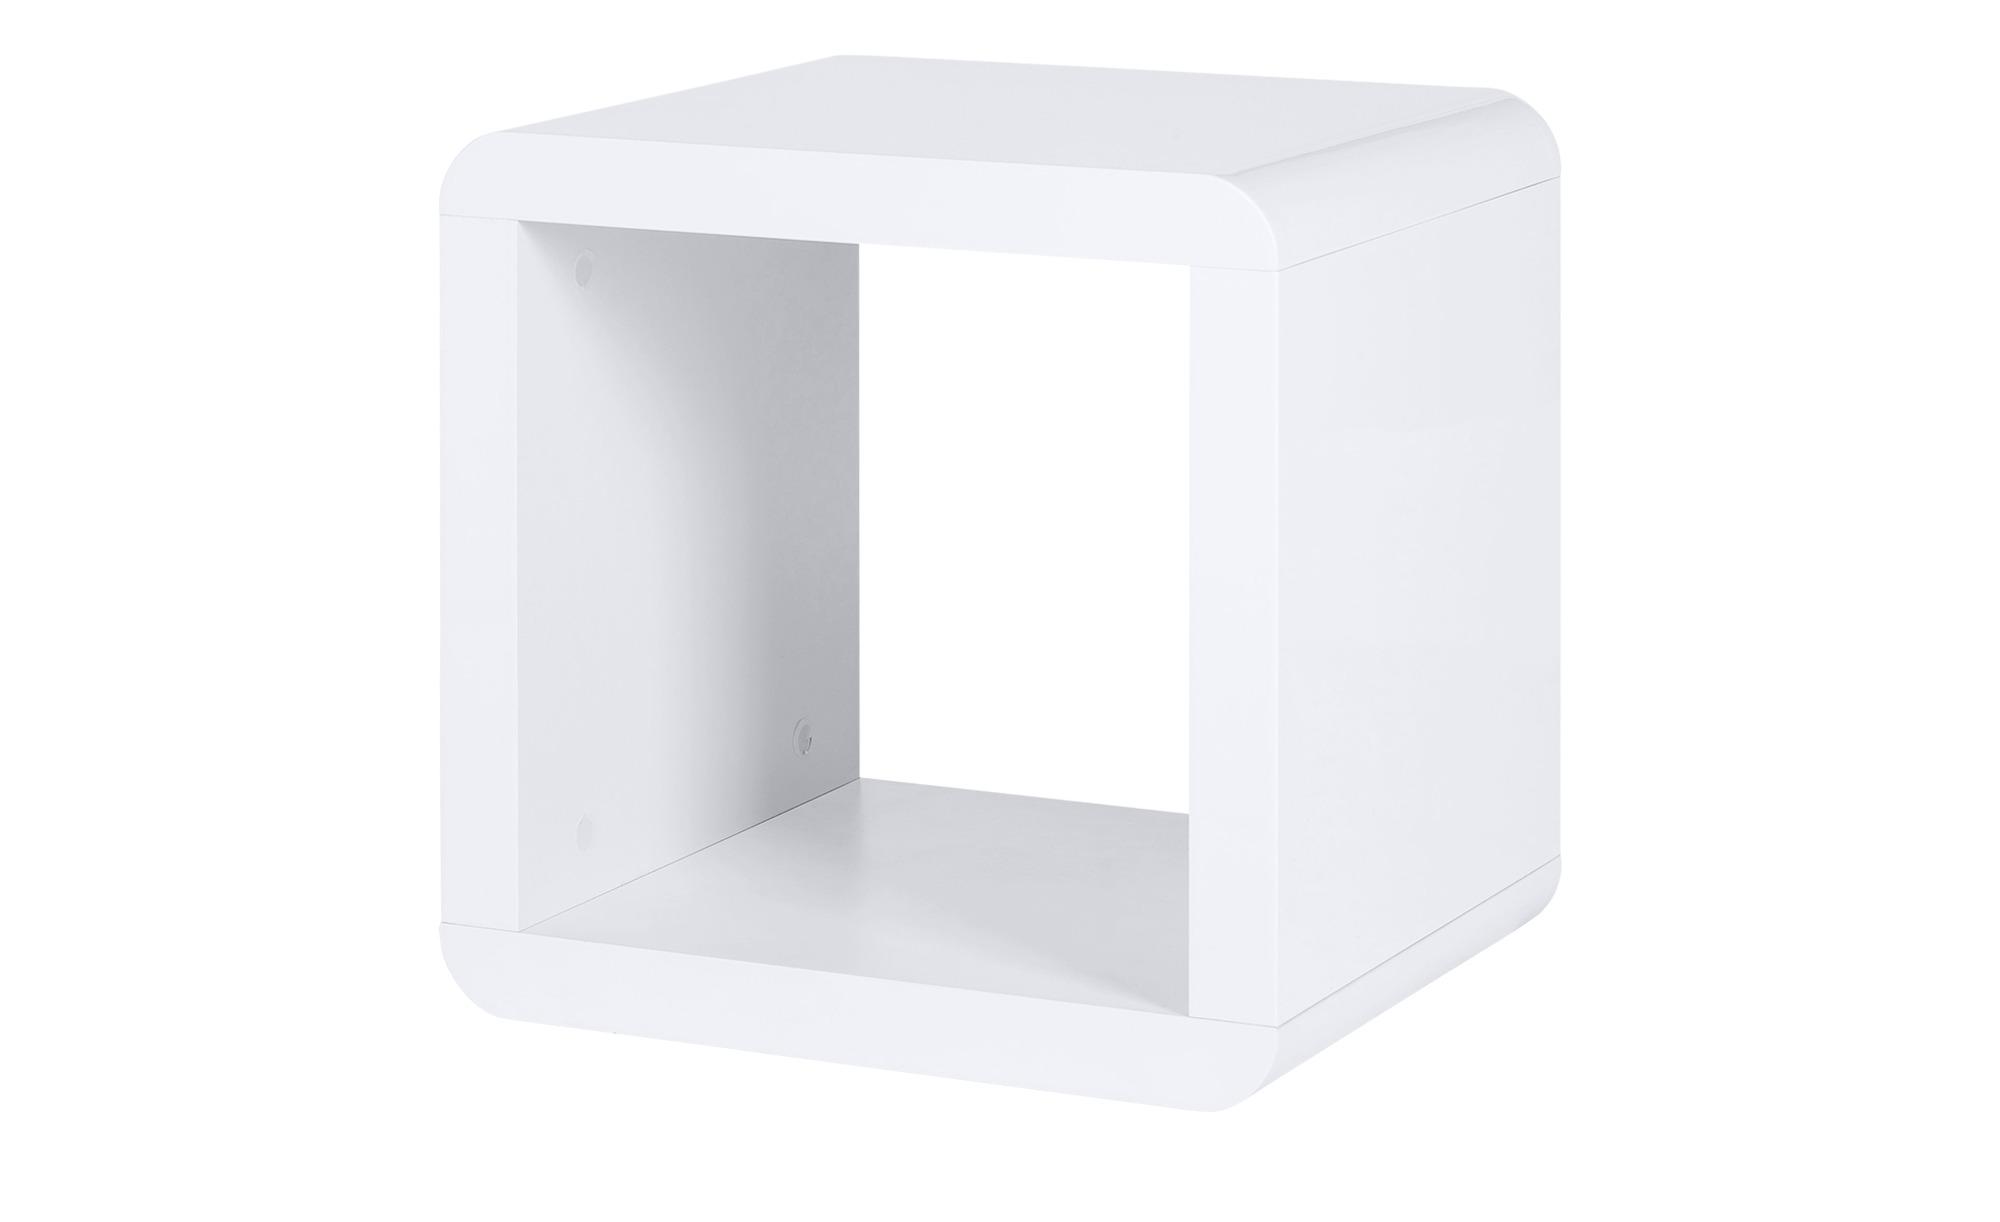 Regalwürfel   Polar ¦ weiß ¦ Maße (cm): B: 43 H: 43 T: 35 Regale > Bücherregale - Höffner | Wohnzimmer > Regale > Regalwürfel | Möbel Höffner DE